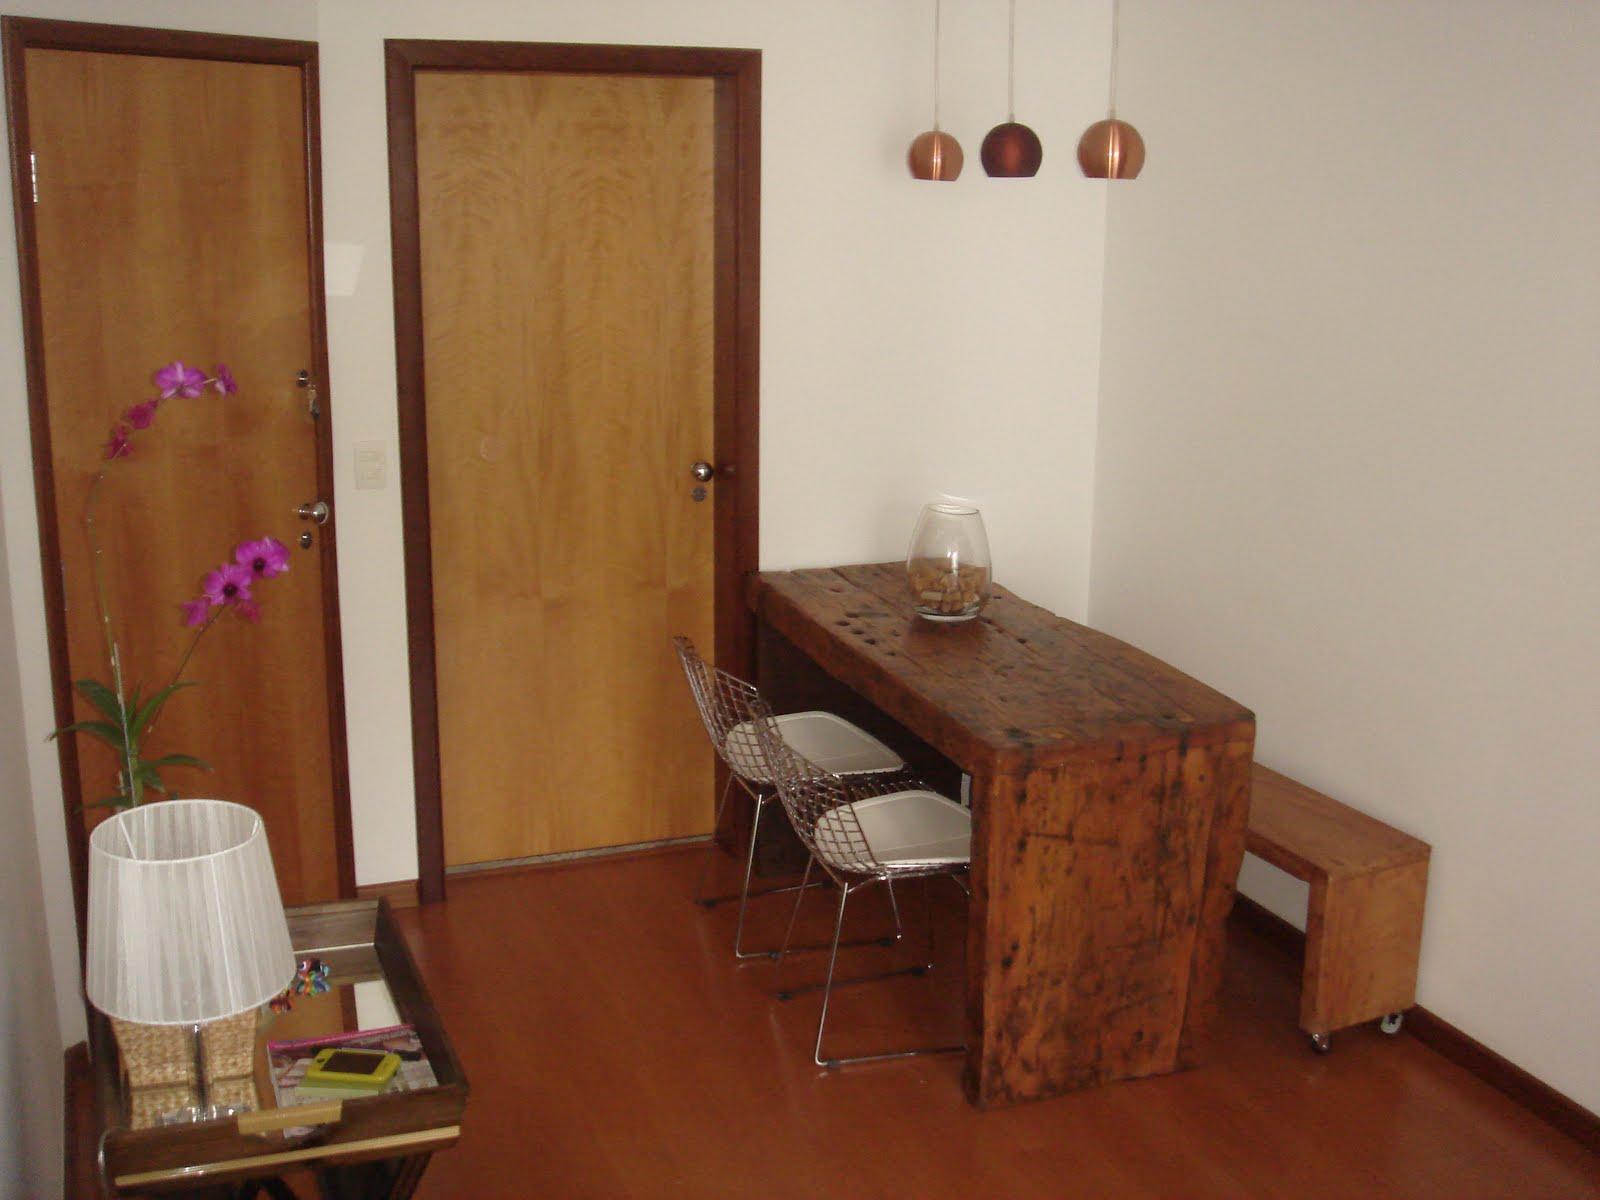 em Madeira: Projeto Personalizado Mesa de Jantar e Banco de Cedro #6E391F 1600x1200